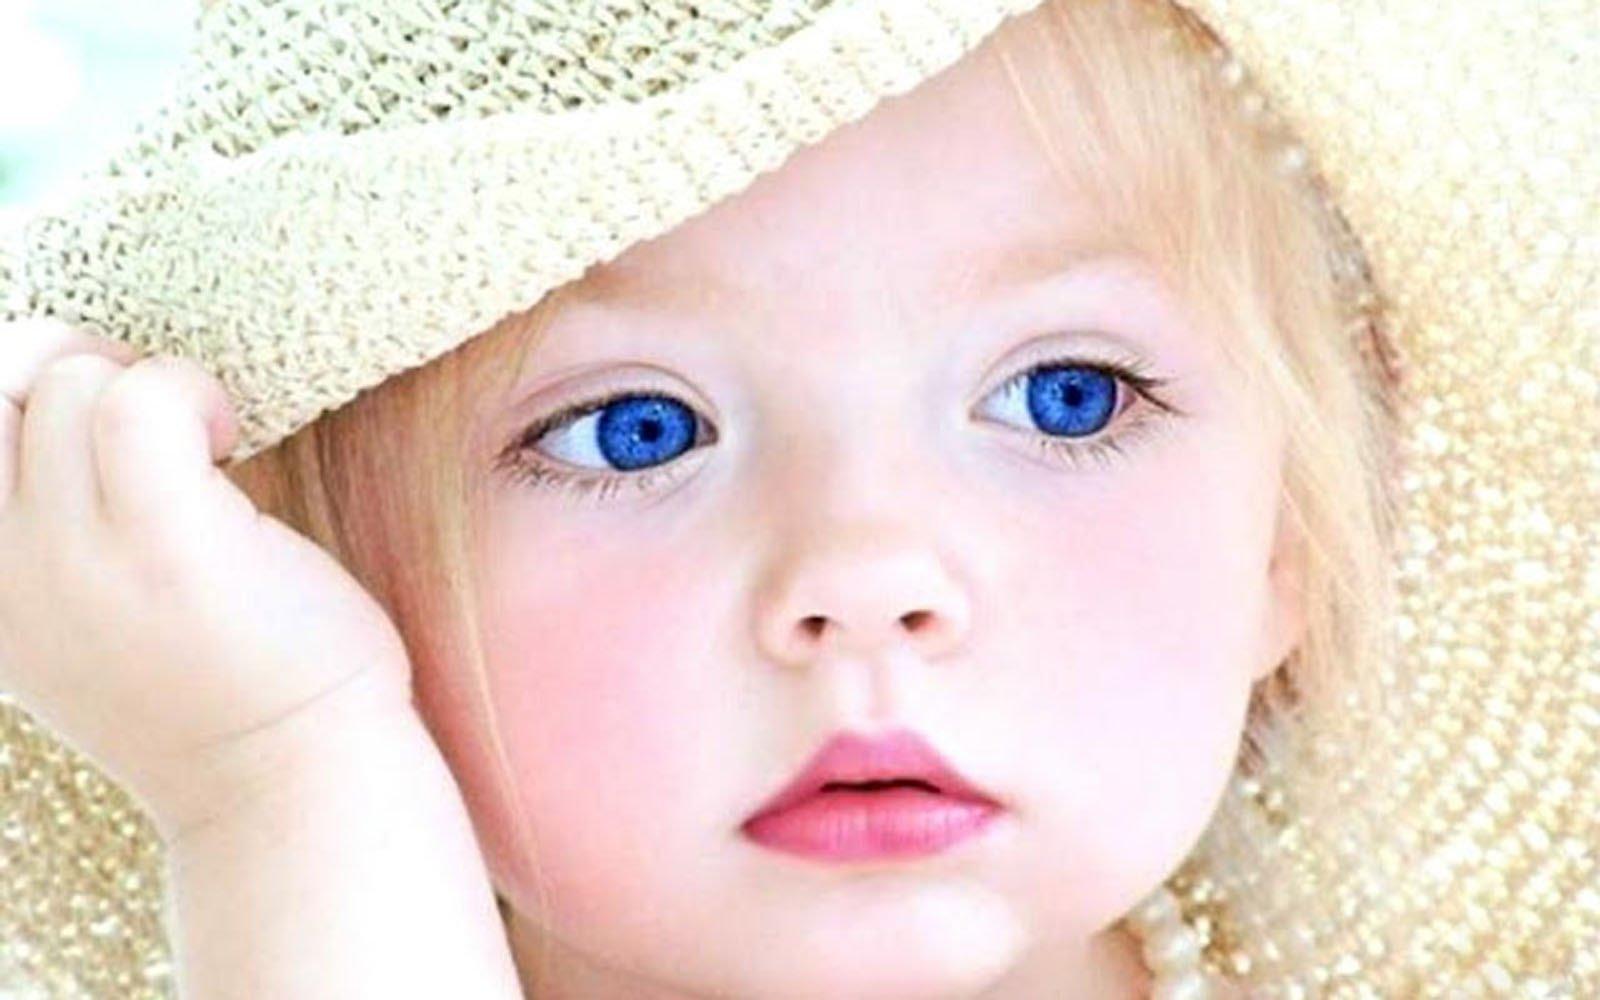 بالصور اجمل صور اطفال , خلفيات تجنن وجميلة للاطفال الصغار الحلوين 9122 5